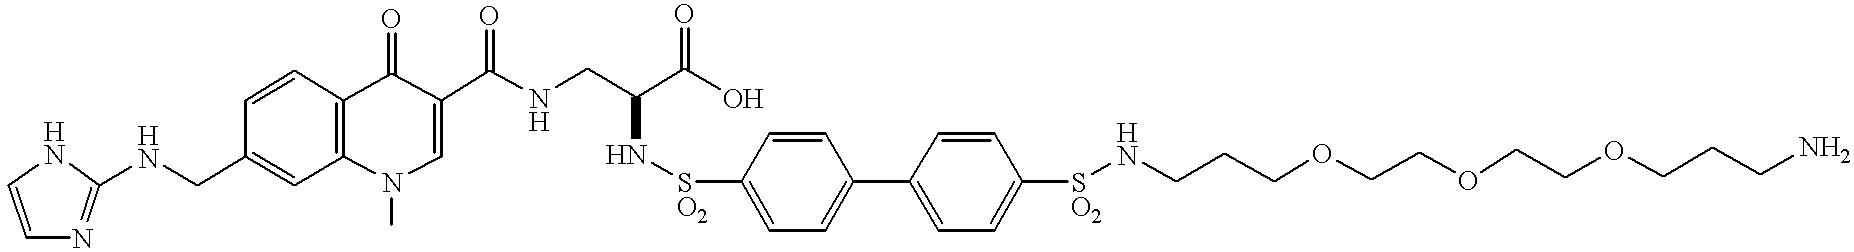 Figure US06683163-20040127-C00043